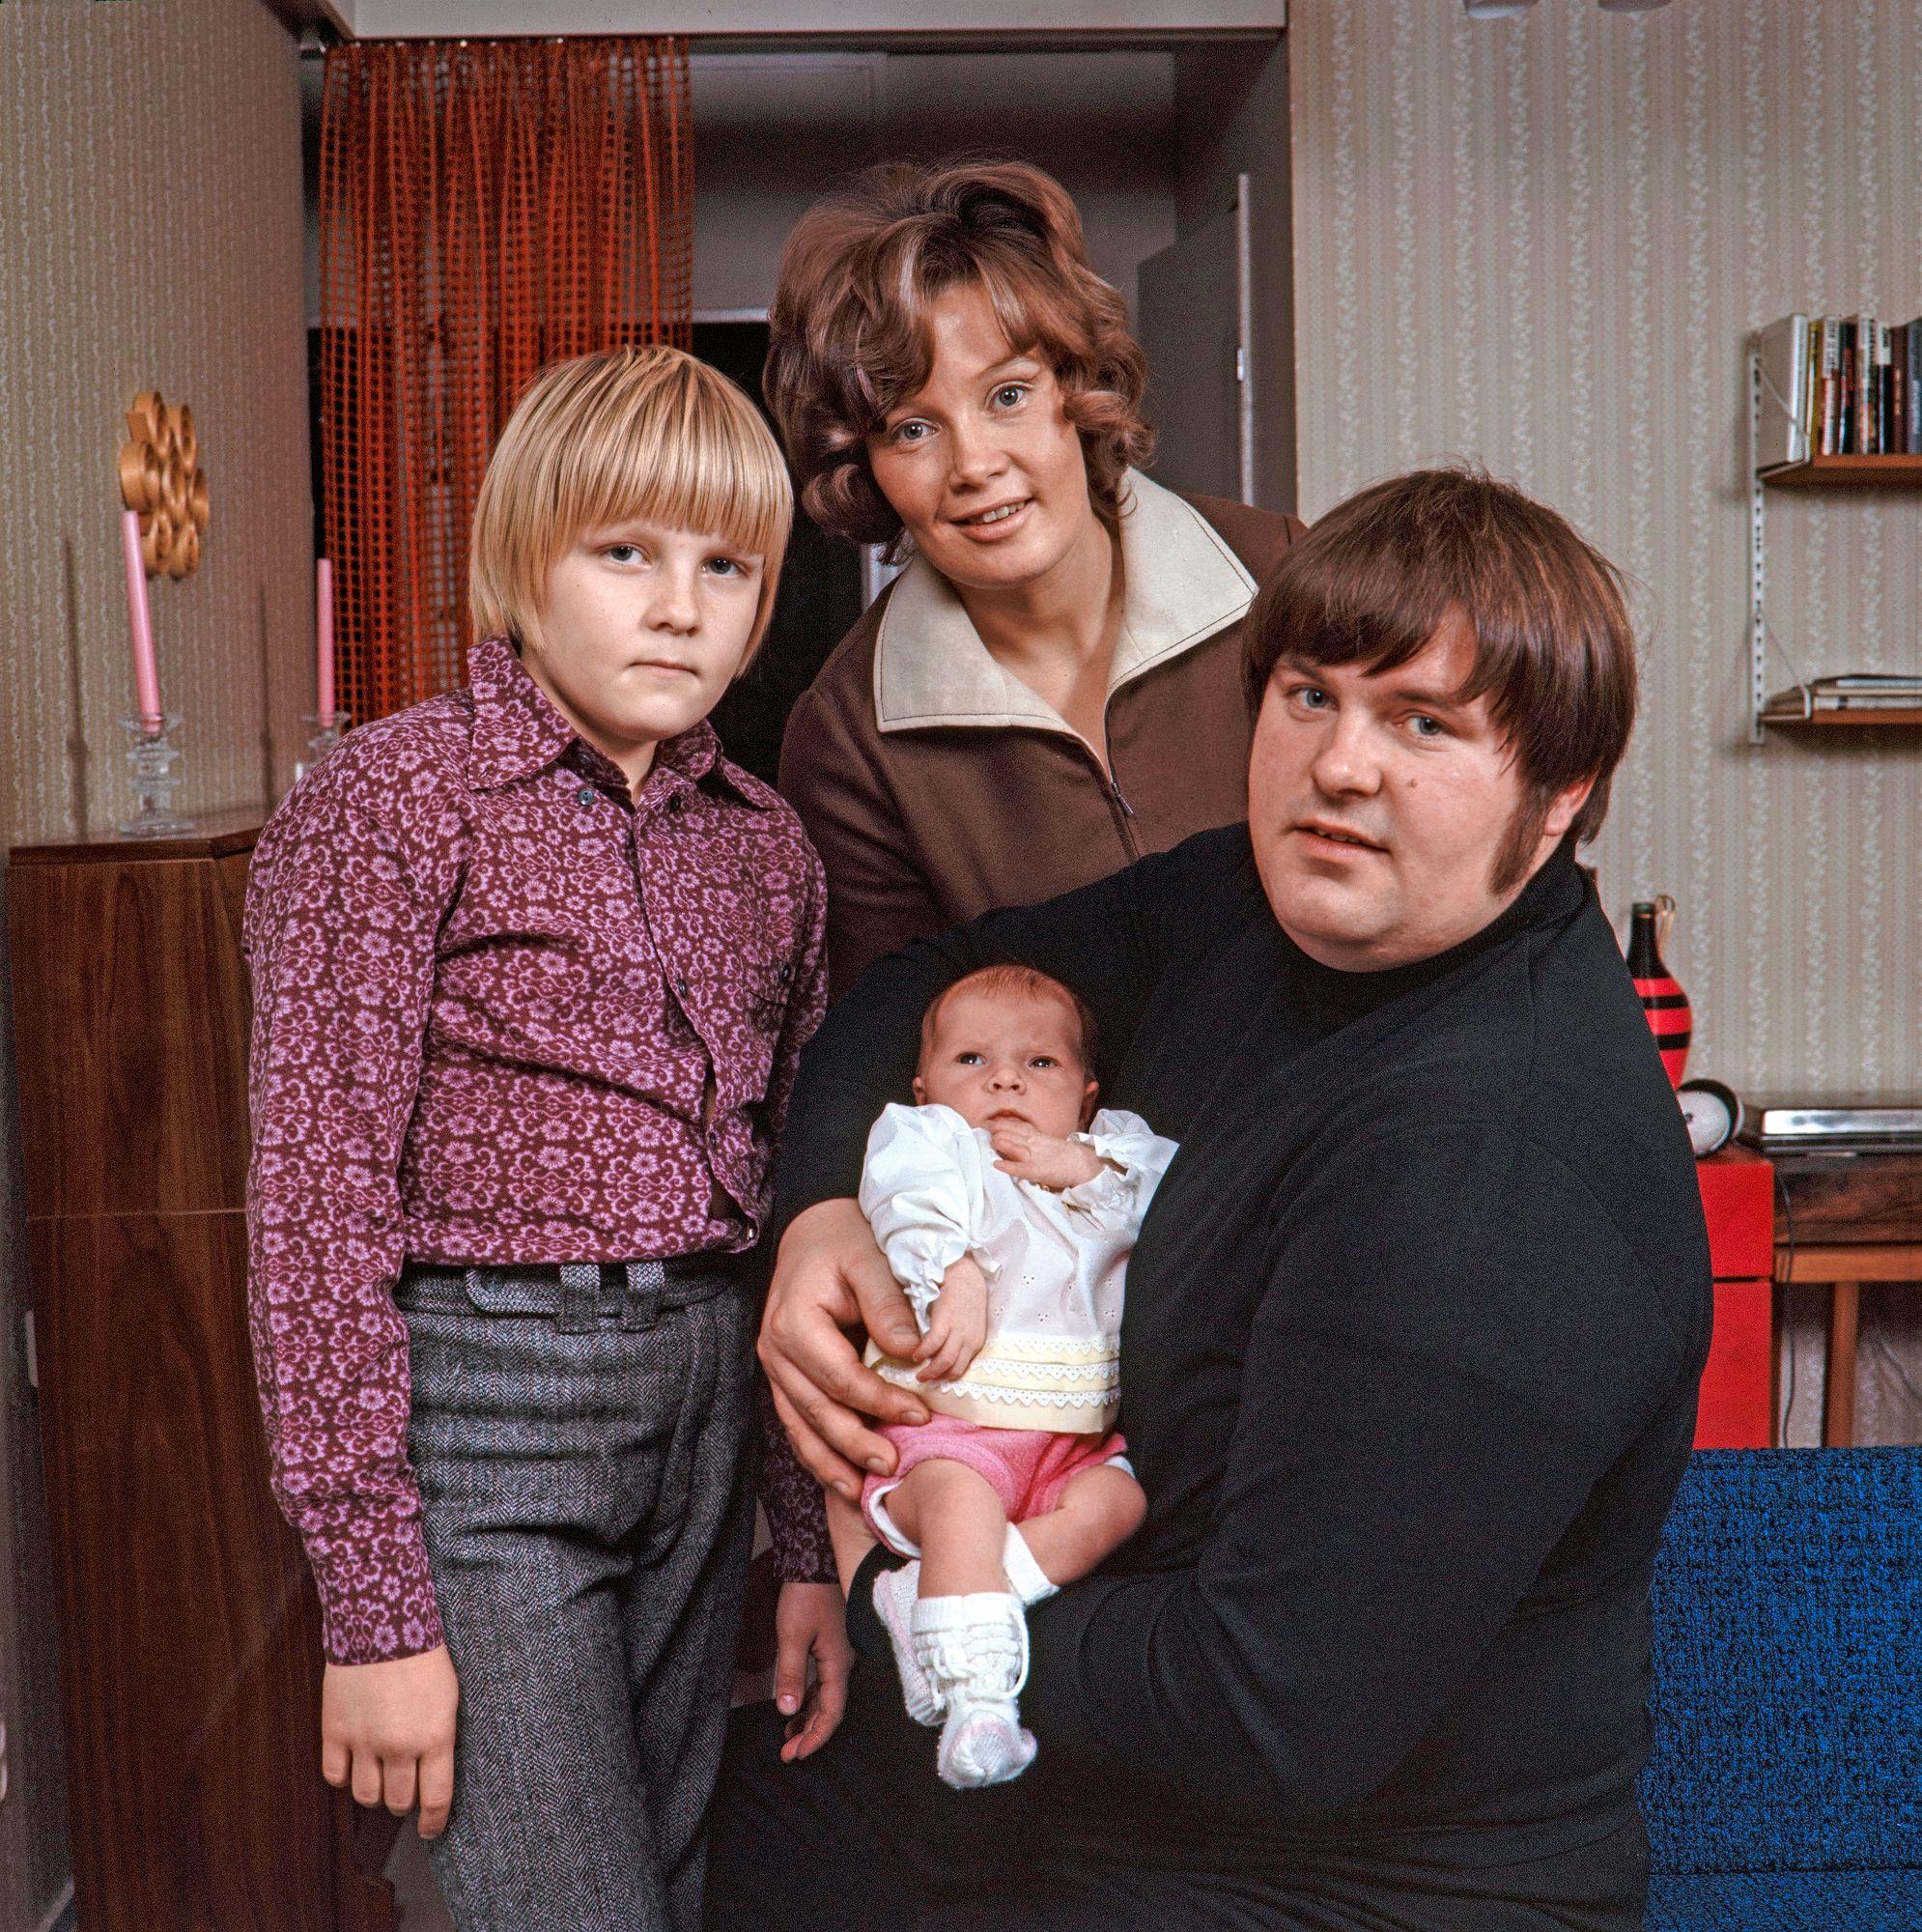 Perhe oli Fredille tärkeä. Kuvassa vaimo Eva-Riitta Siitonen, poika Petri ja vastasyntynyt tytär Hanna-Riikka vuonna 1970. Perhelle Fredi oli Iso. © Helge Heinonen / JOKA / Museovirasto